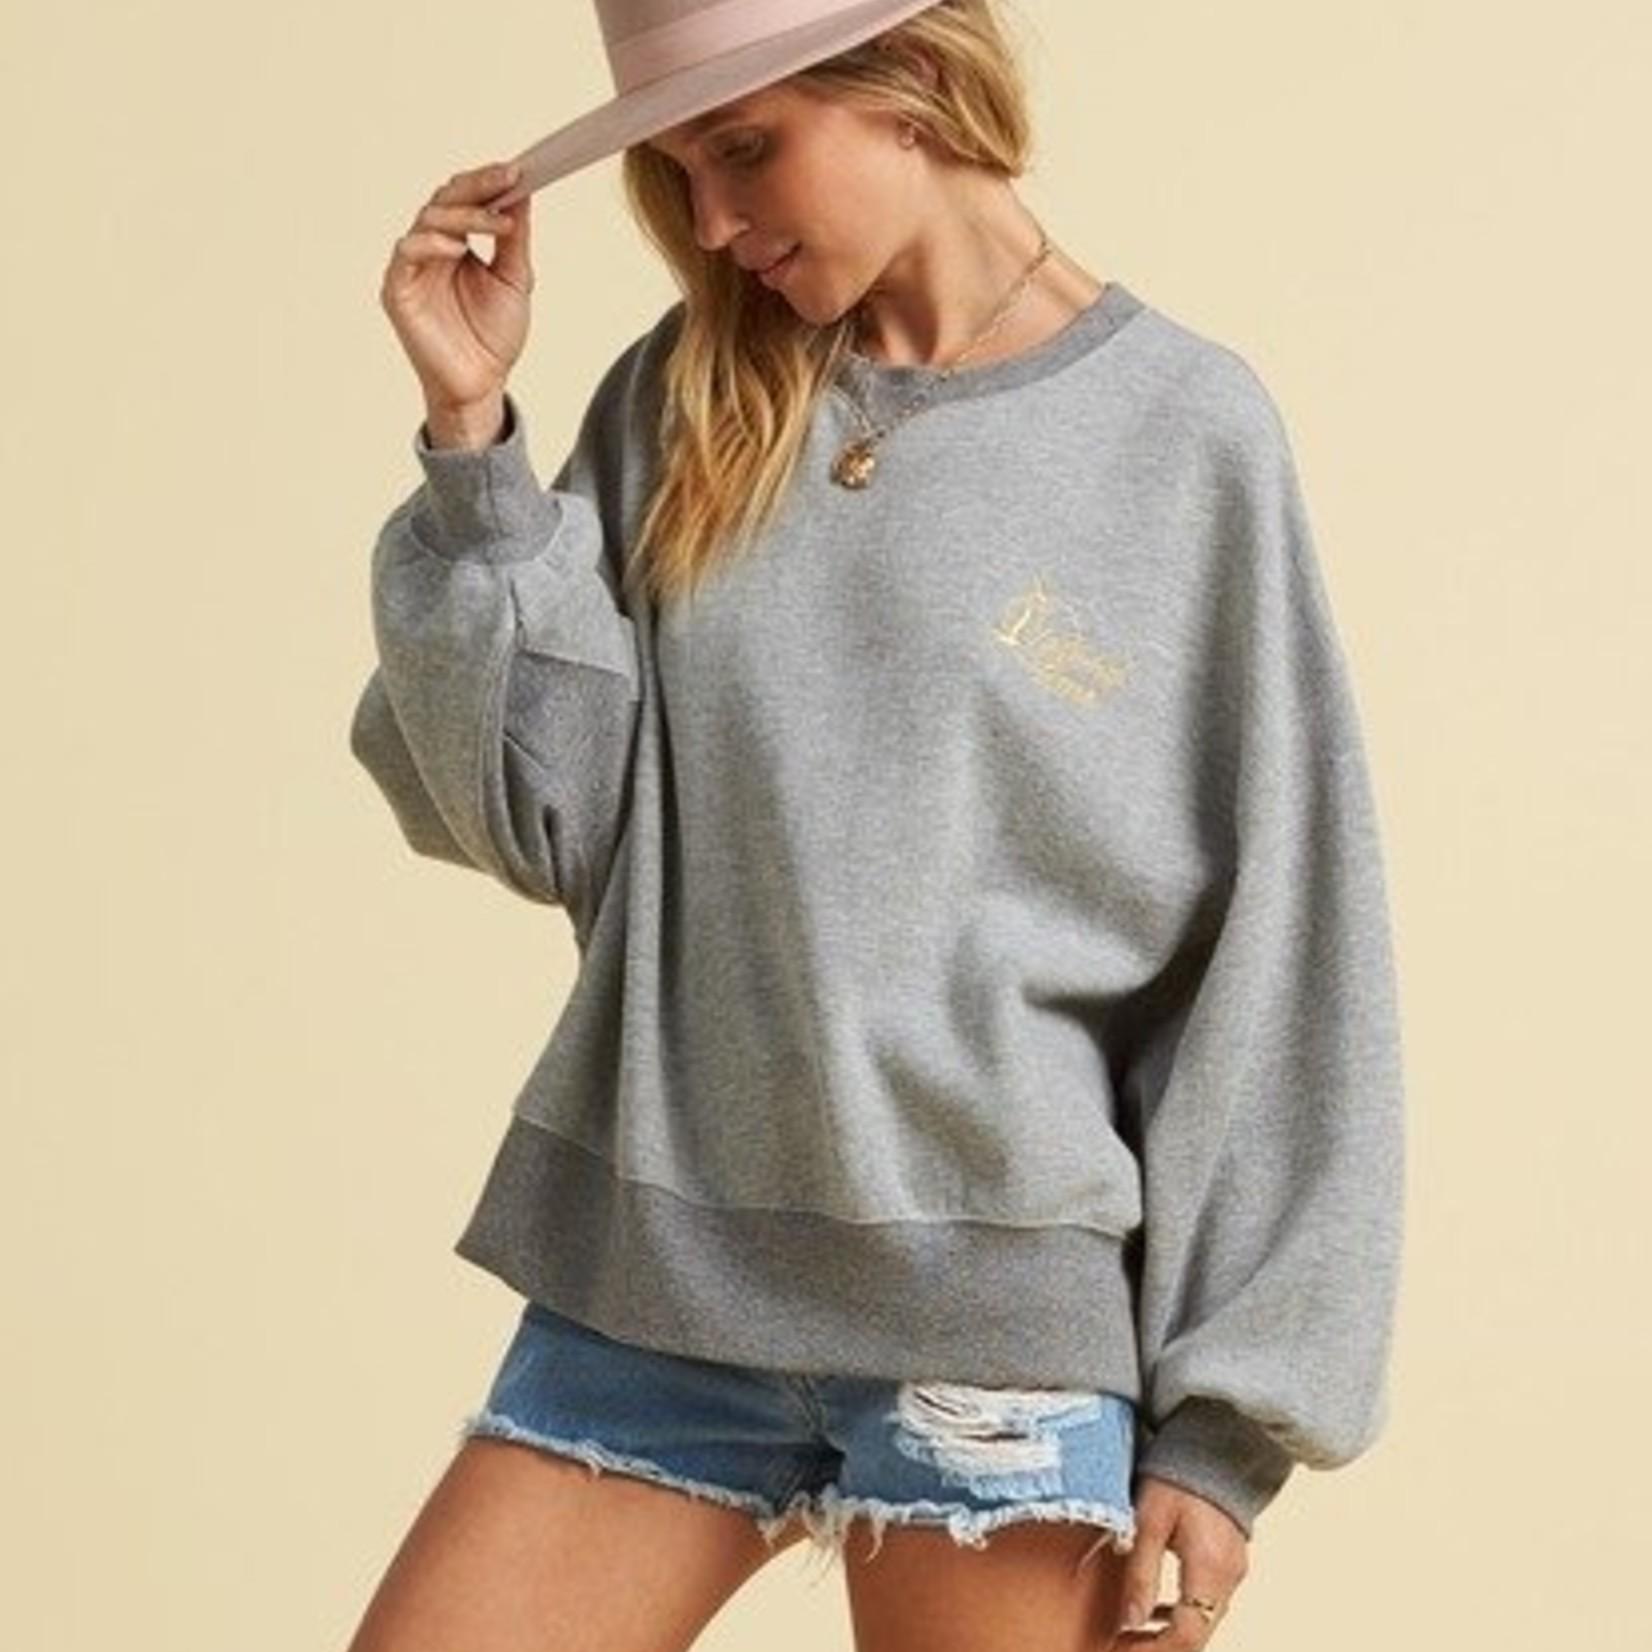 Billabong Billabong x Salty Blonde Vacation Mode Sweatshirt